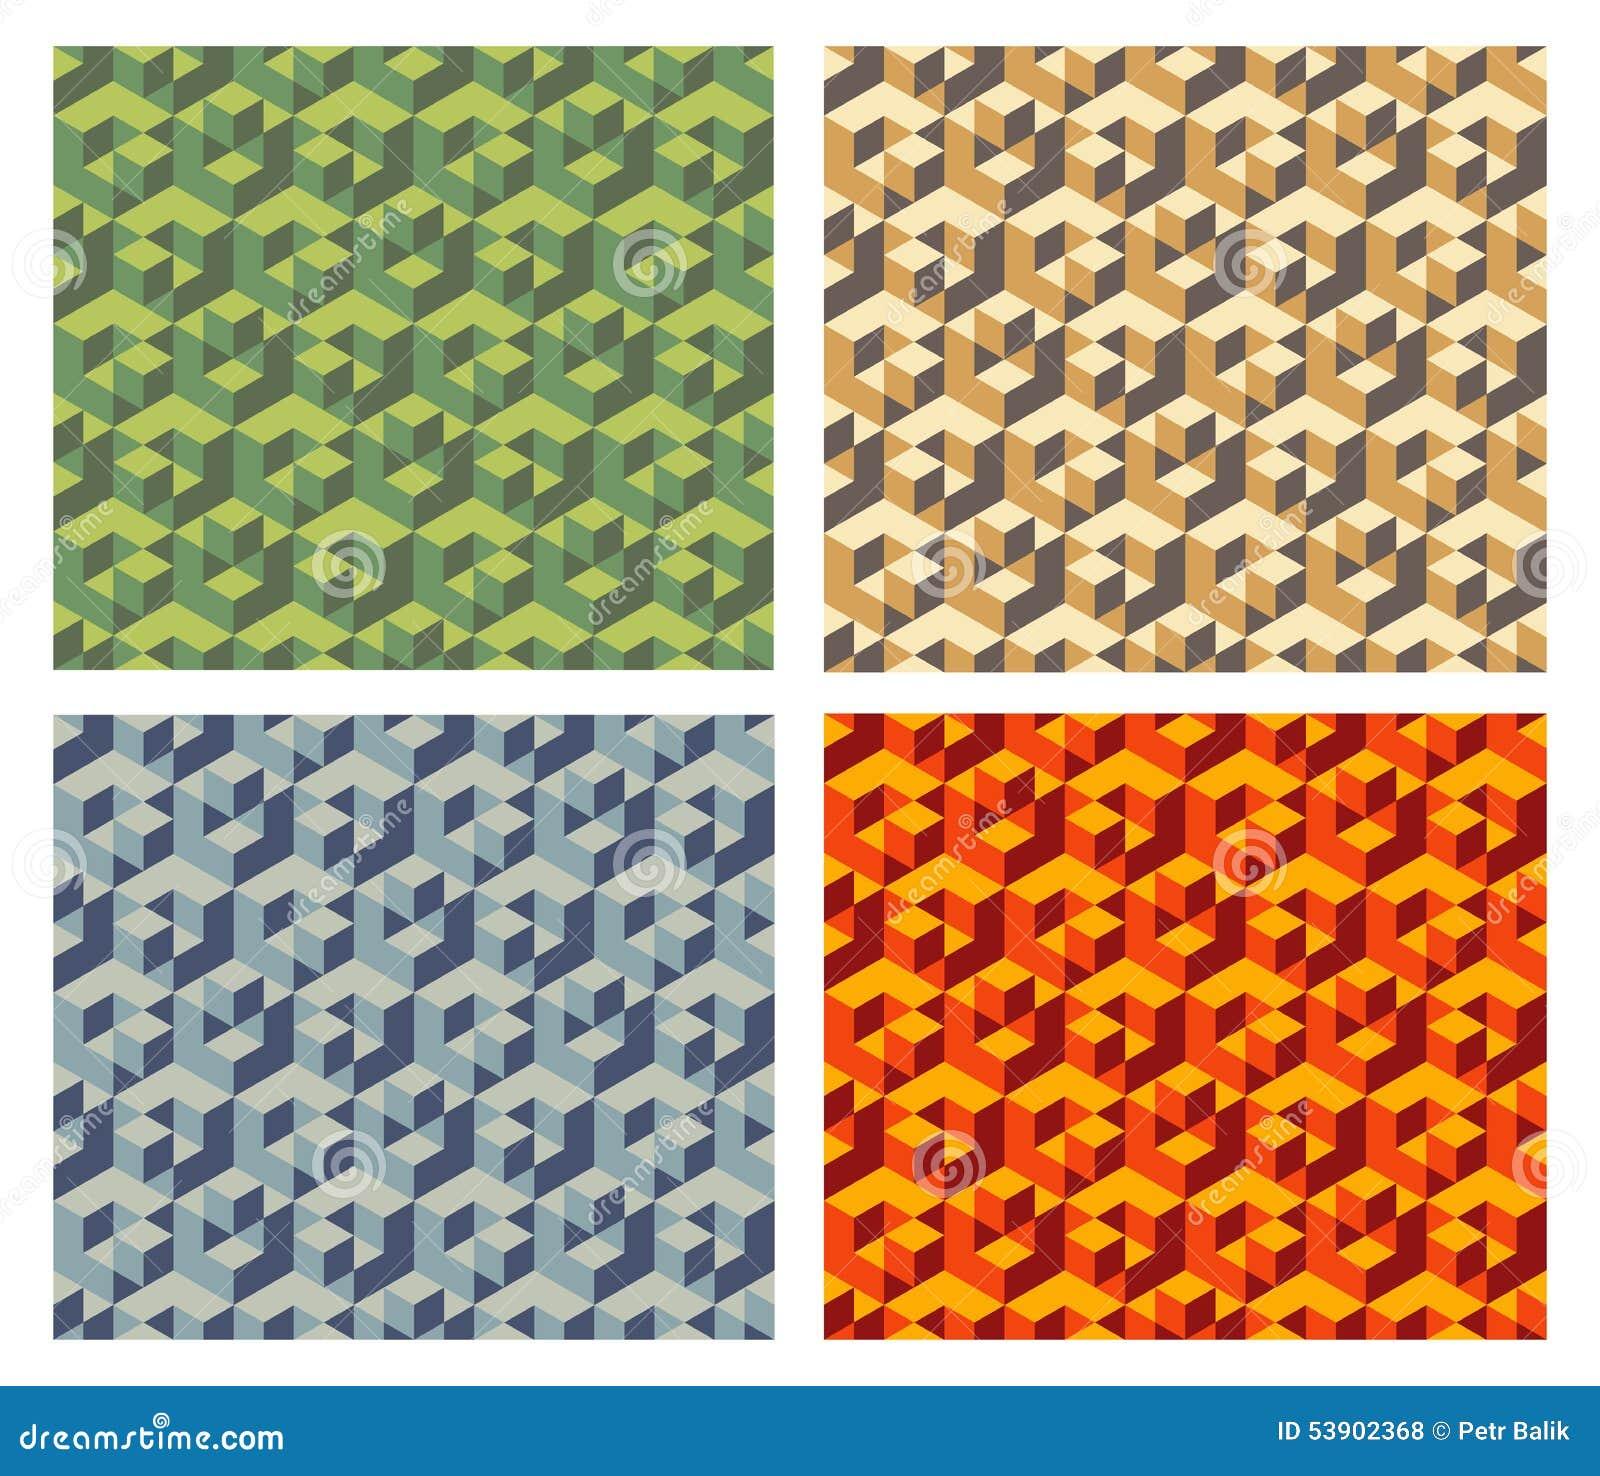 Isometric Cubes Pattern Stock Illustration - Image: 53902368